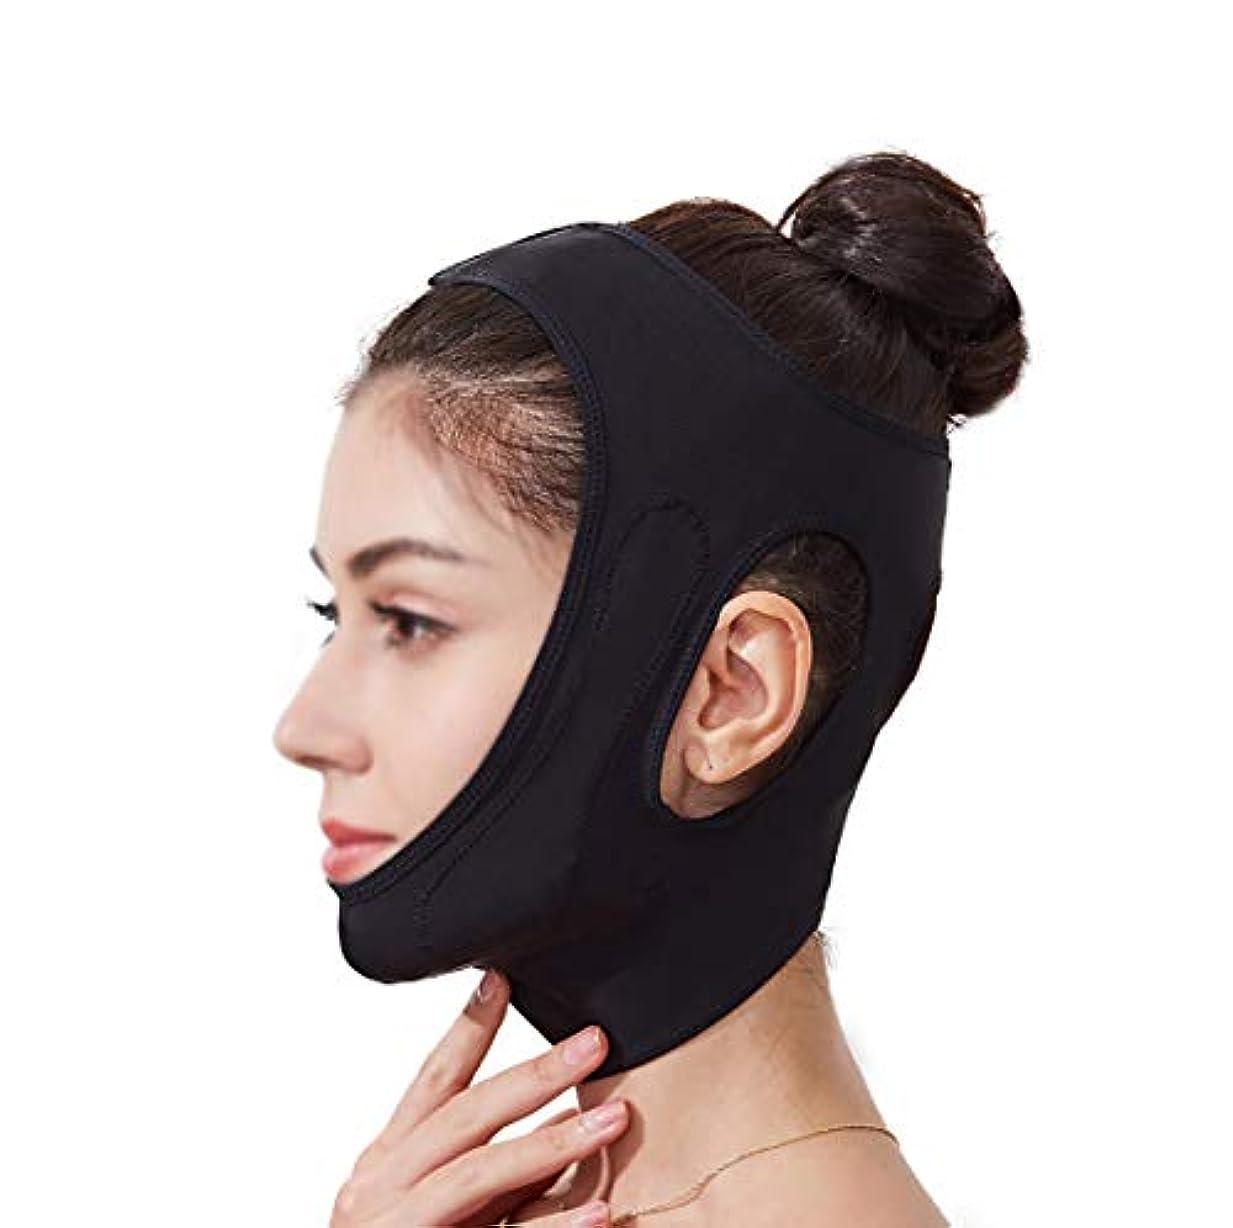 懇願するペットあいまいフェイスリフティング包帯vフェイスマスクフェイスリフティングあご快適な顔引き締めフェイシャルマッサージワンサイズ (Color : Black)